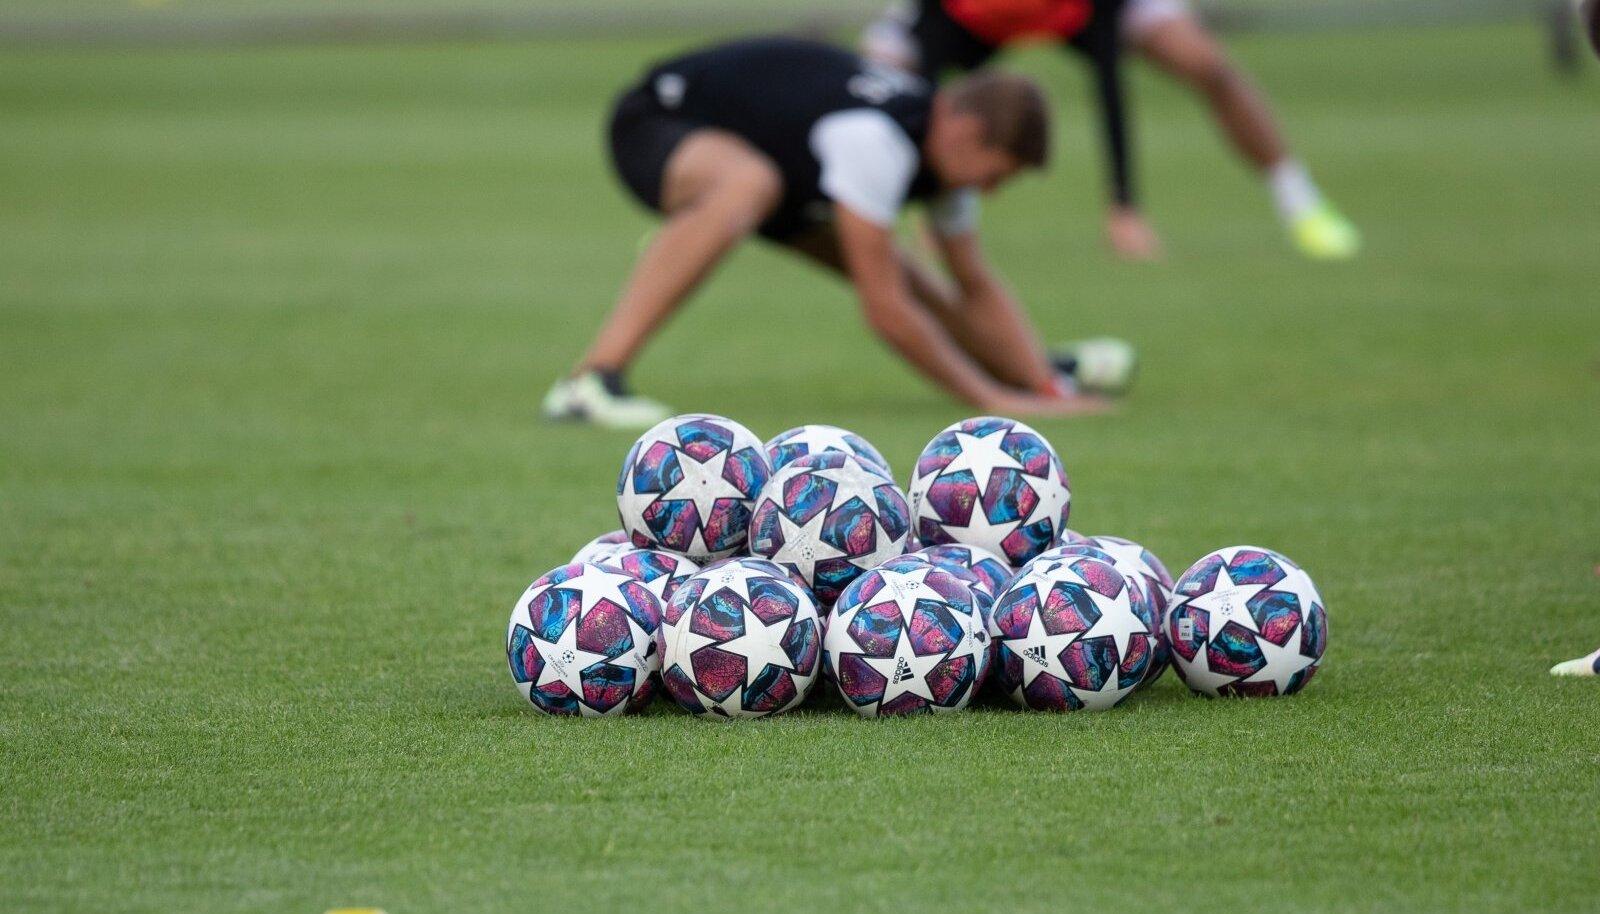 Jalgpall. Pilt on illustreeriv.